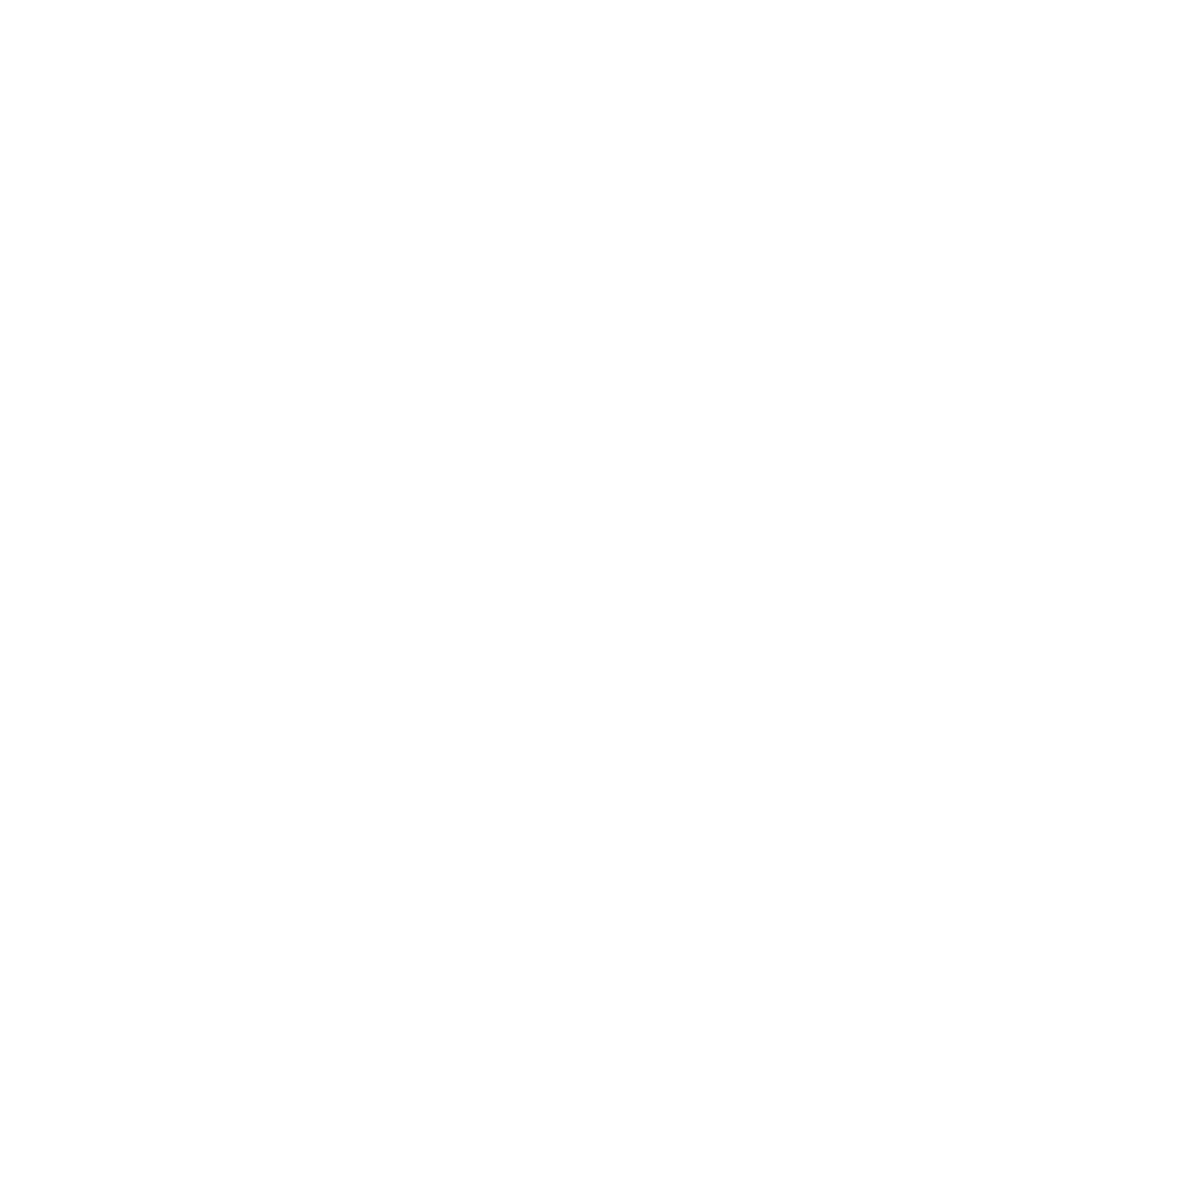 noun_Map_1292503_FFFFFF